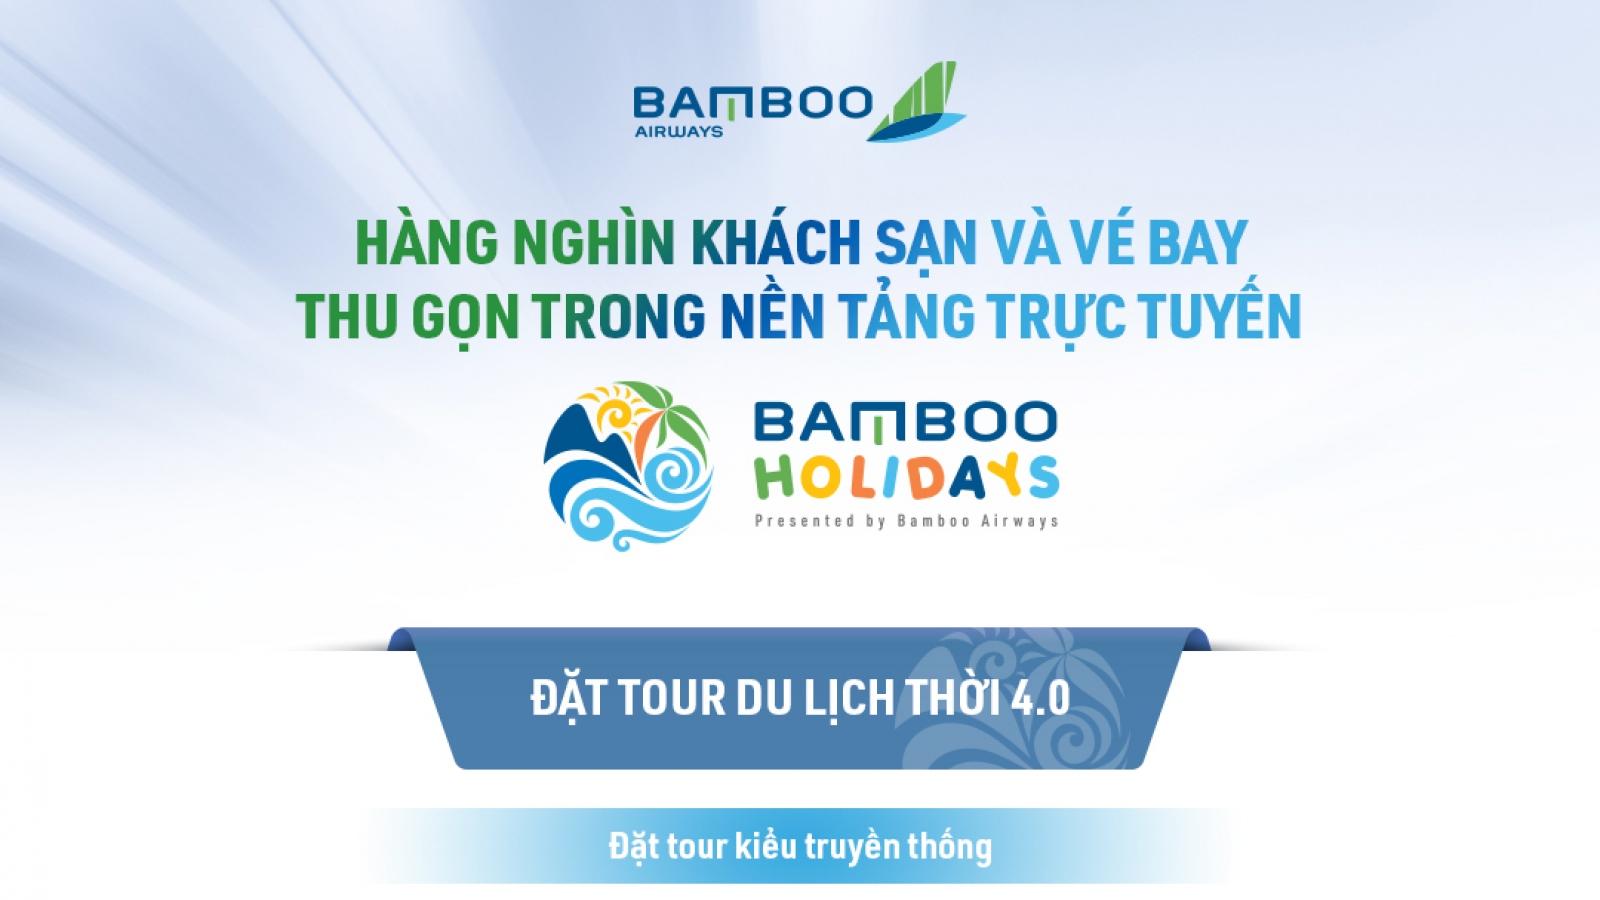 Hàng nghìn khách sạn và vé bay thu gọn trong nền tảng trực tuyến Bamboo Holidays